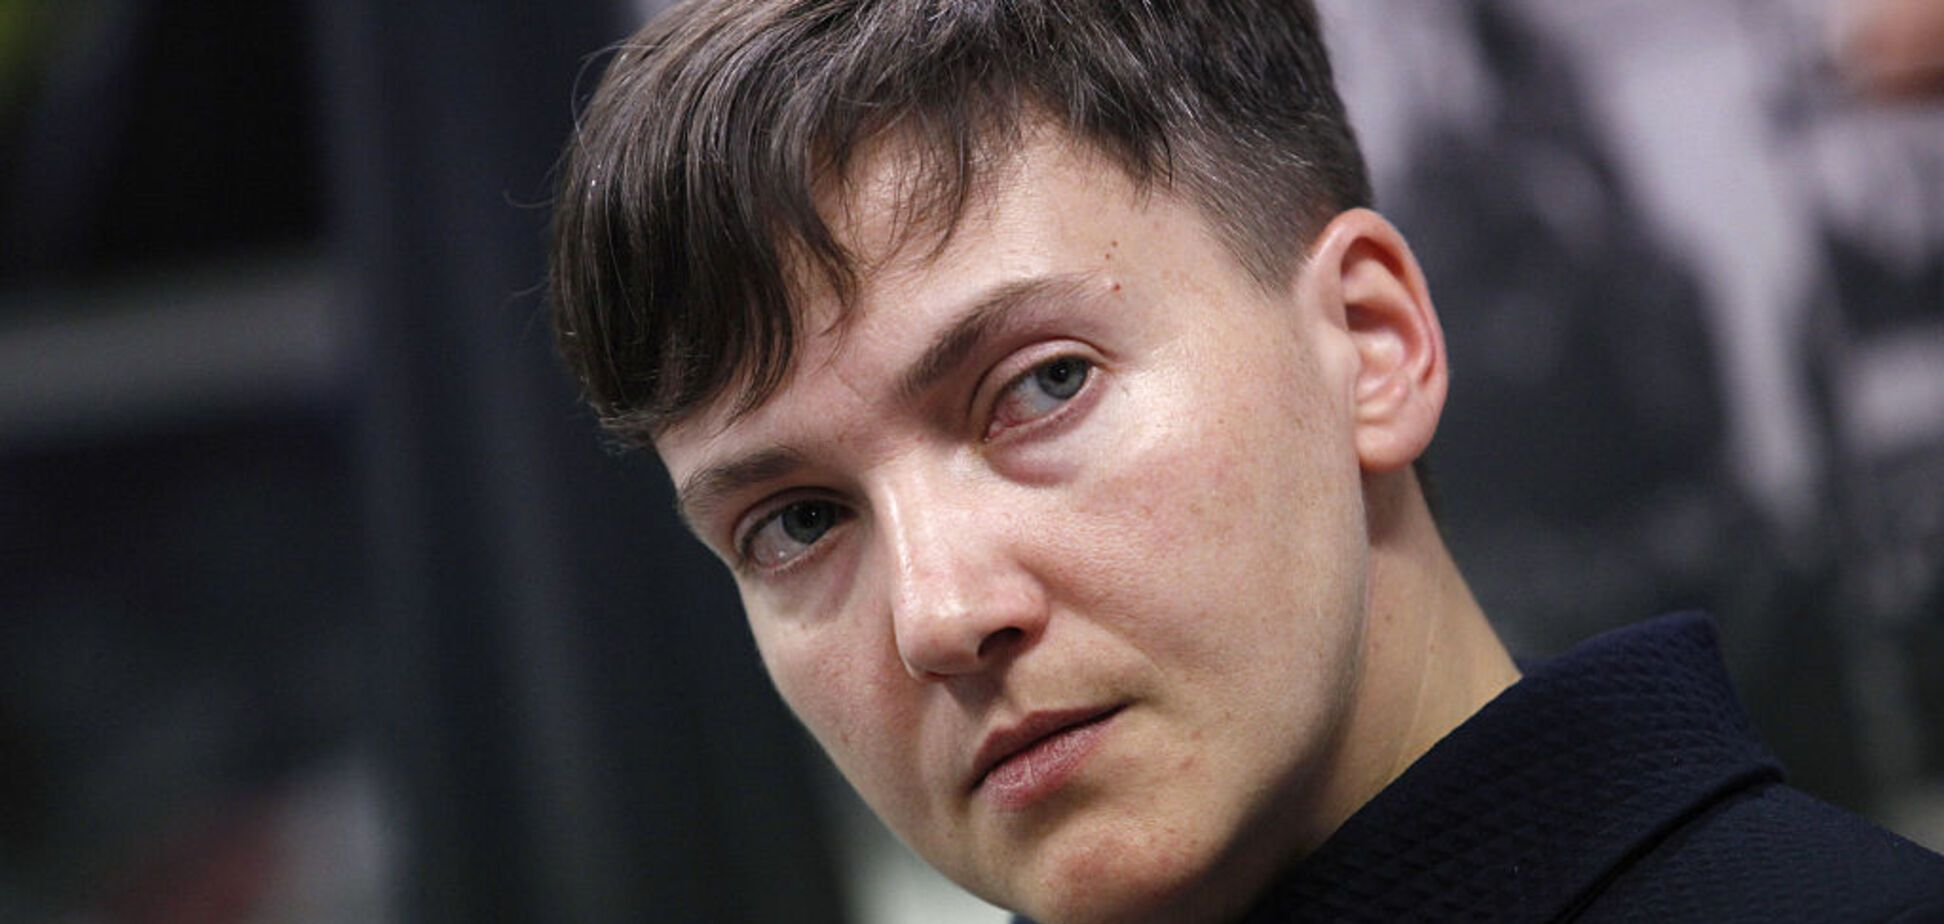 'У него не встал, у меня не помокрело': Савченко рассказала о вербовке агентом СБУ